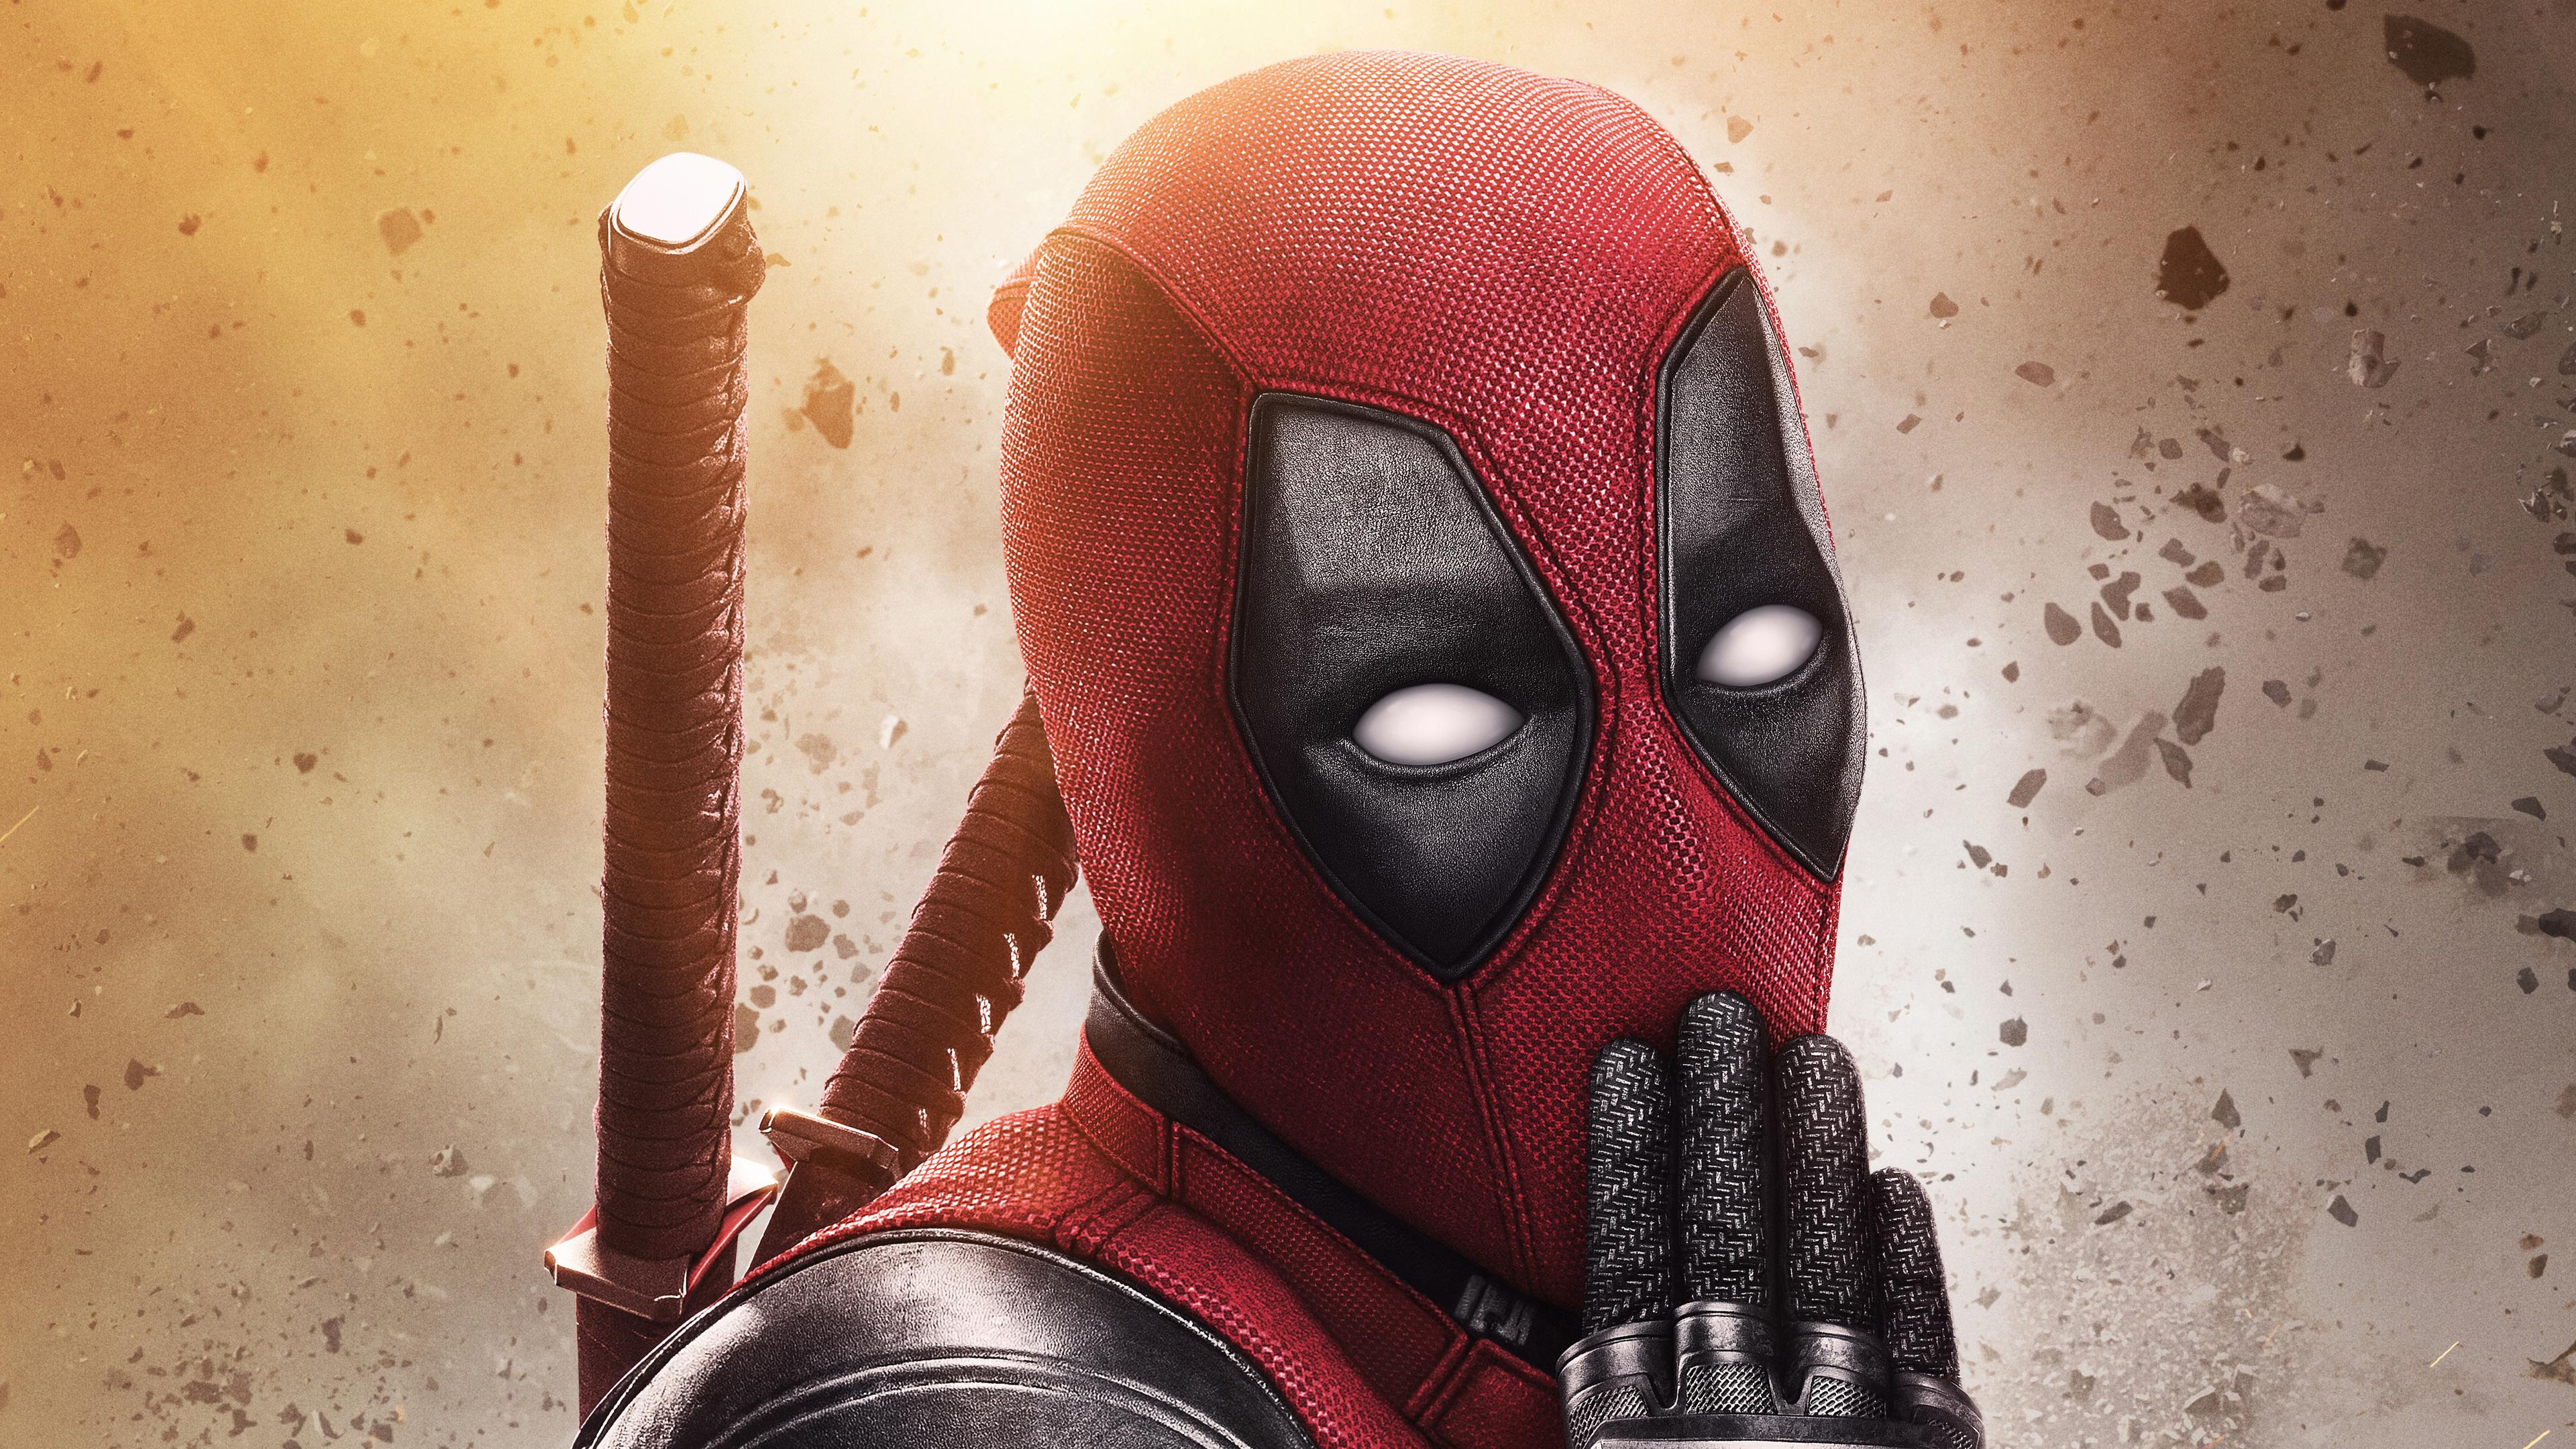 Deadpool 2 5k New Poster 4k HD 4k